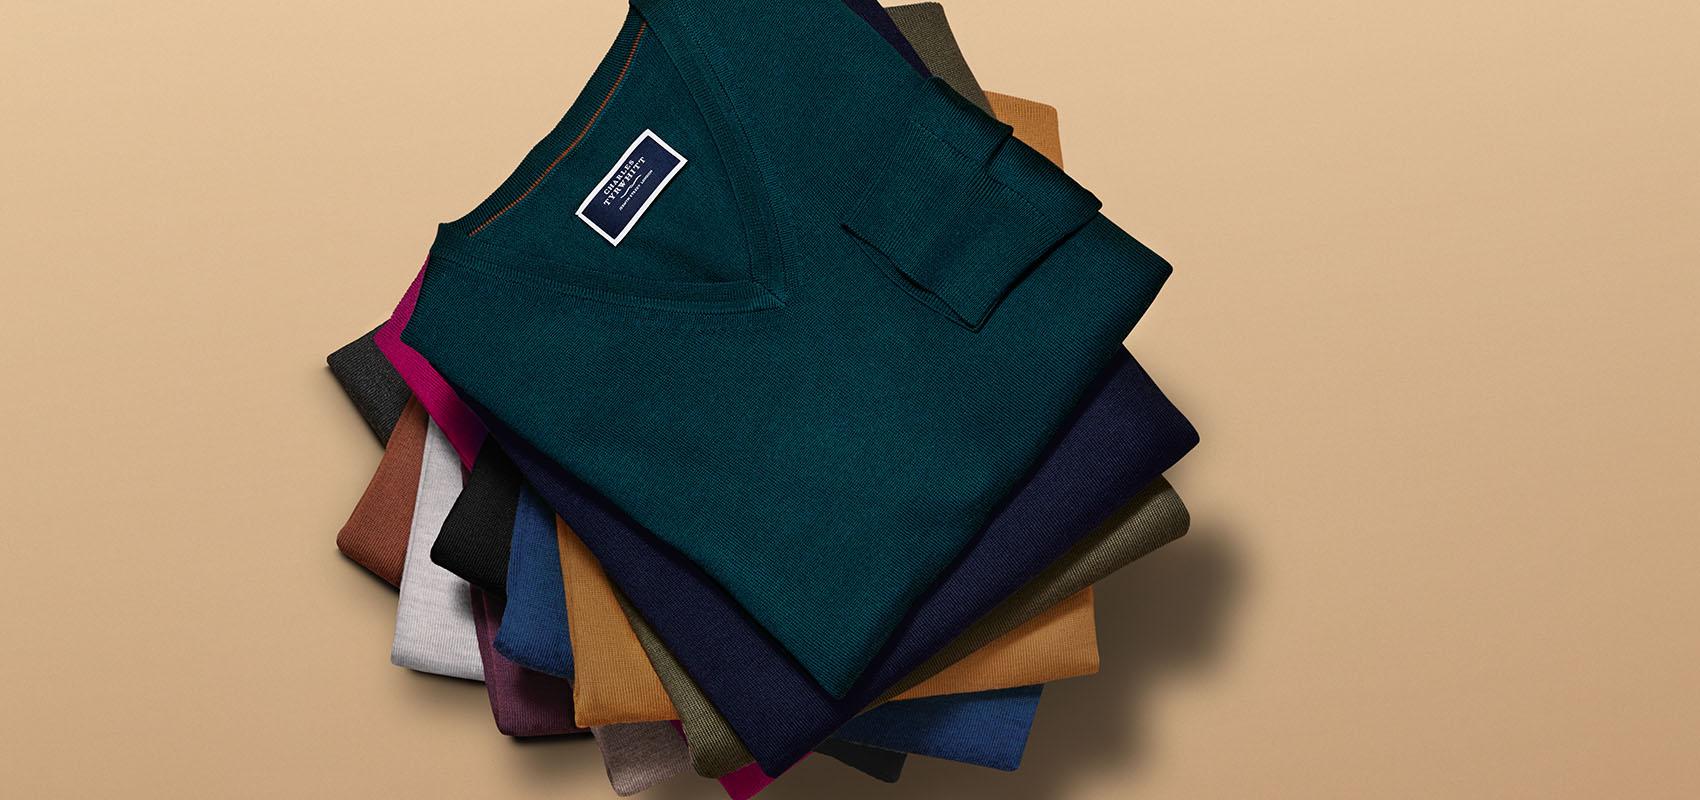 Clearance knitwear